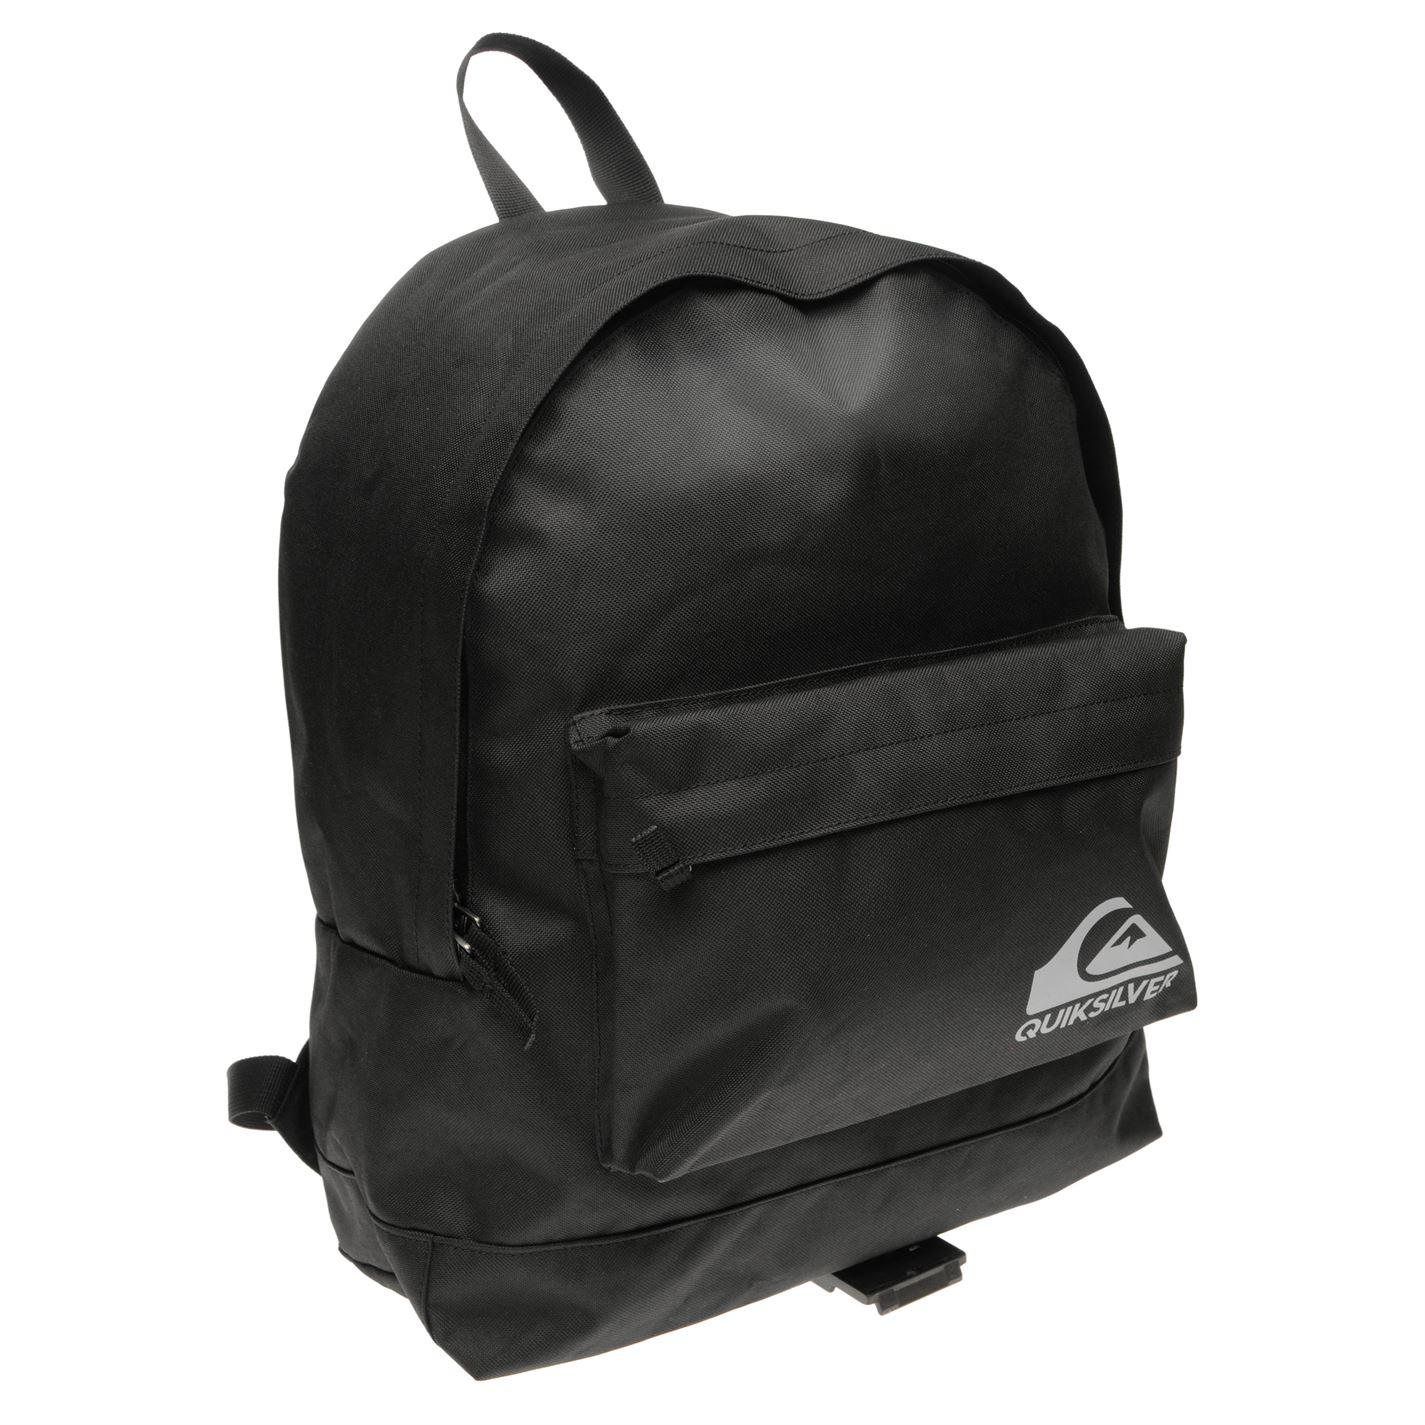 Quiksilver Deluxe Solid Backpack